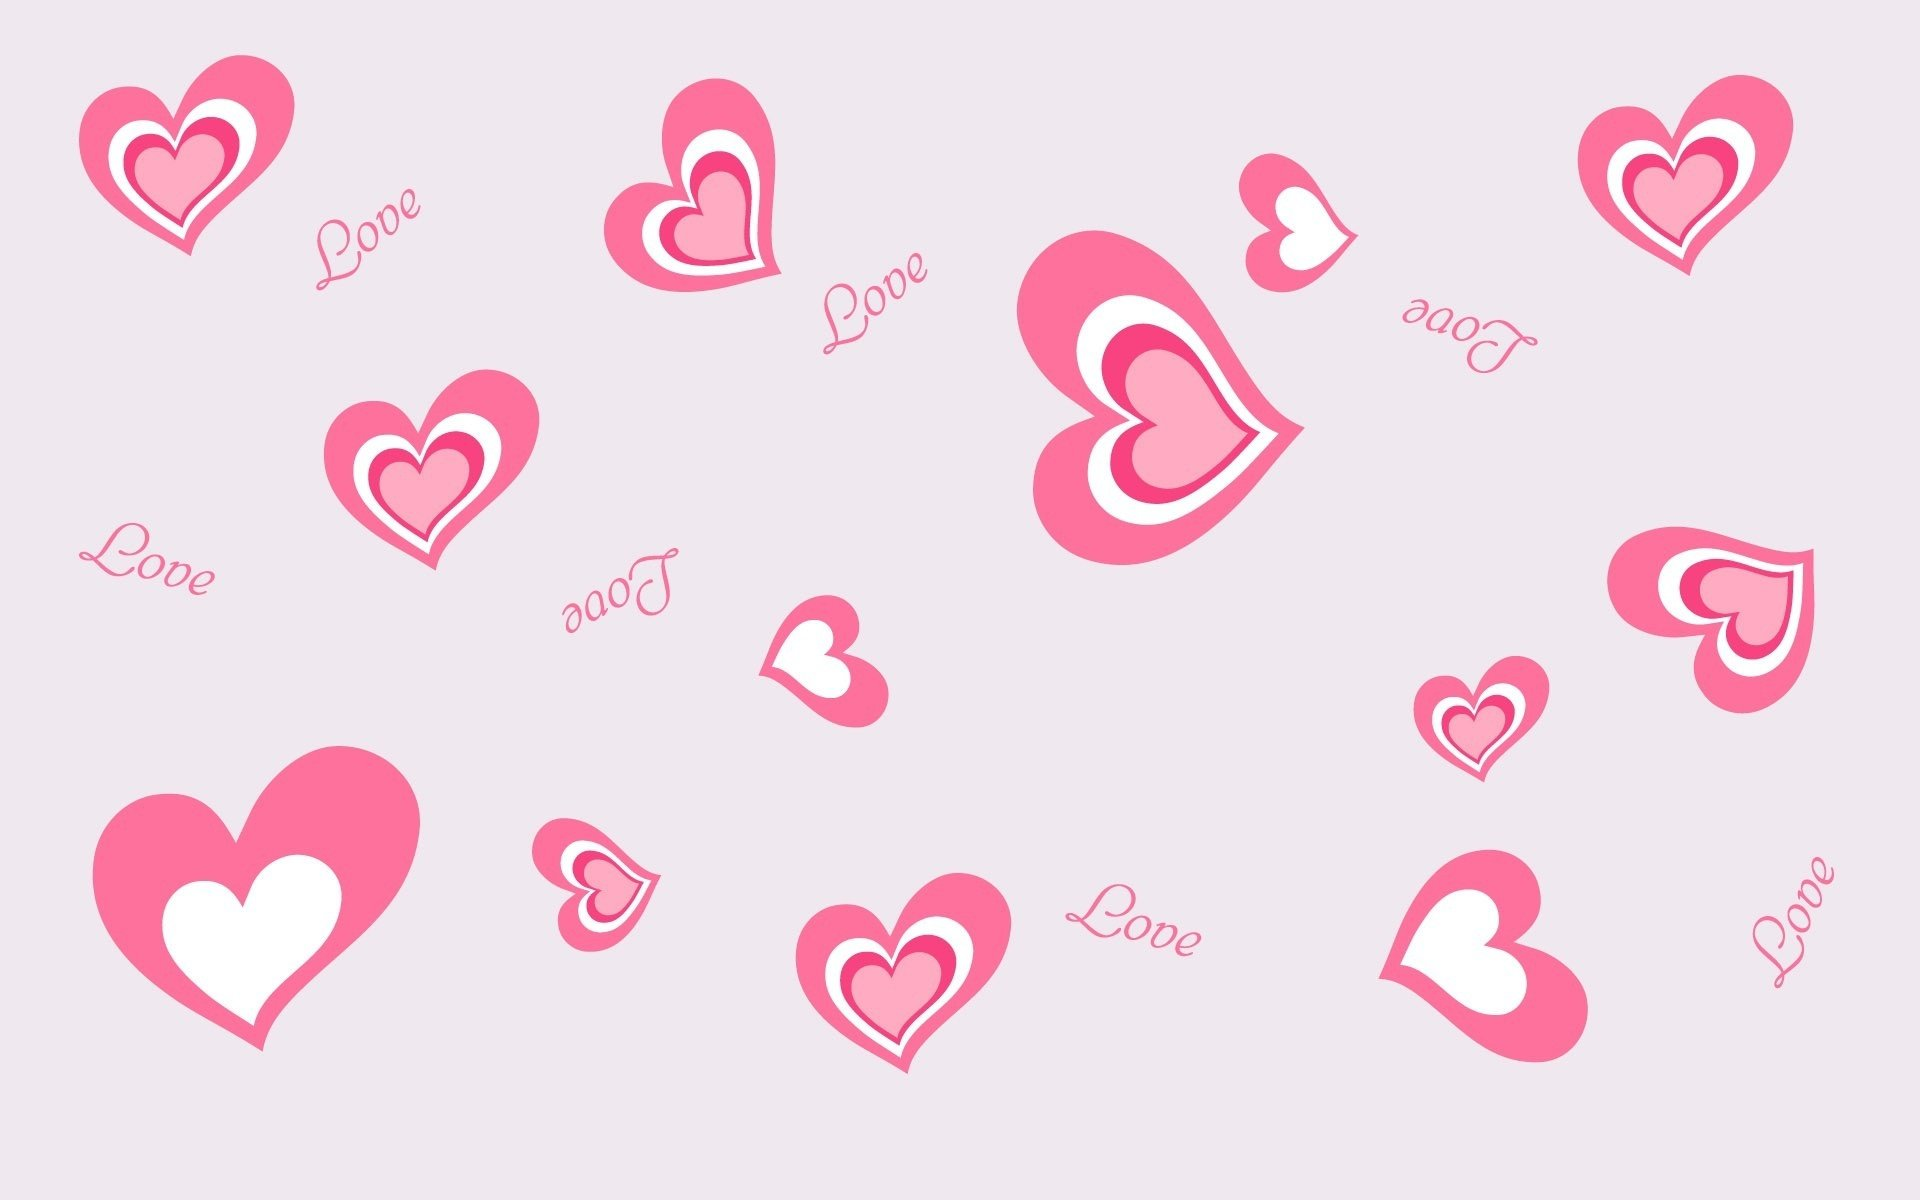 صور قلوب وحب ورومانسية وصورة قلب HD  (25)